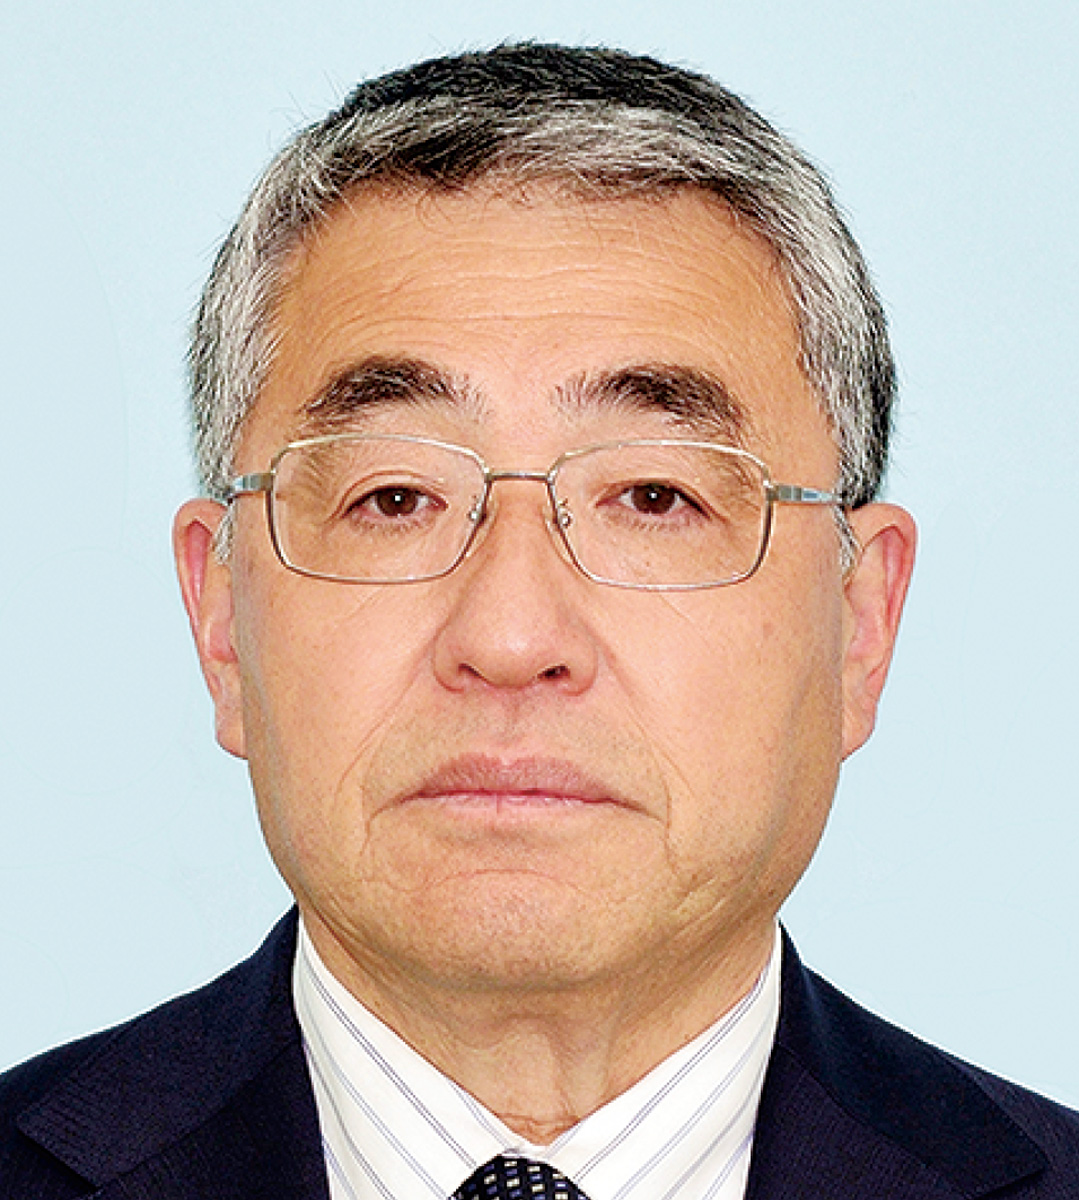 新理事長に吉川氏